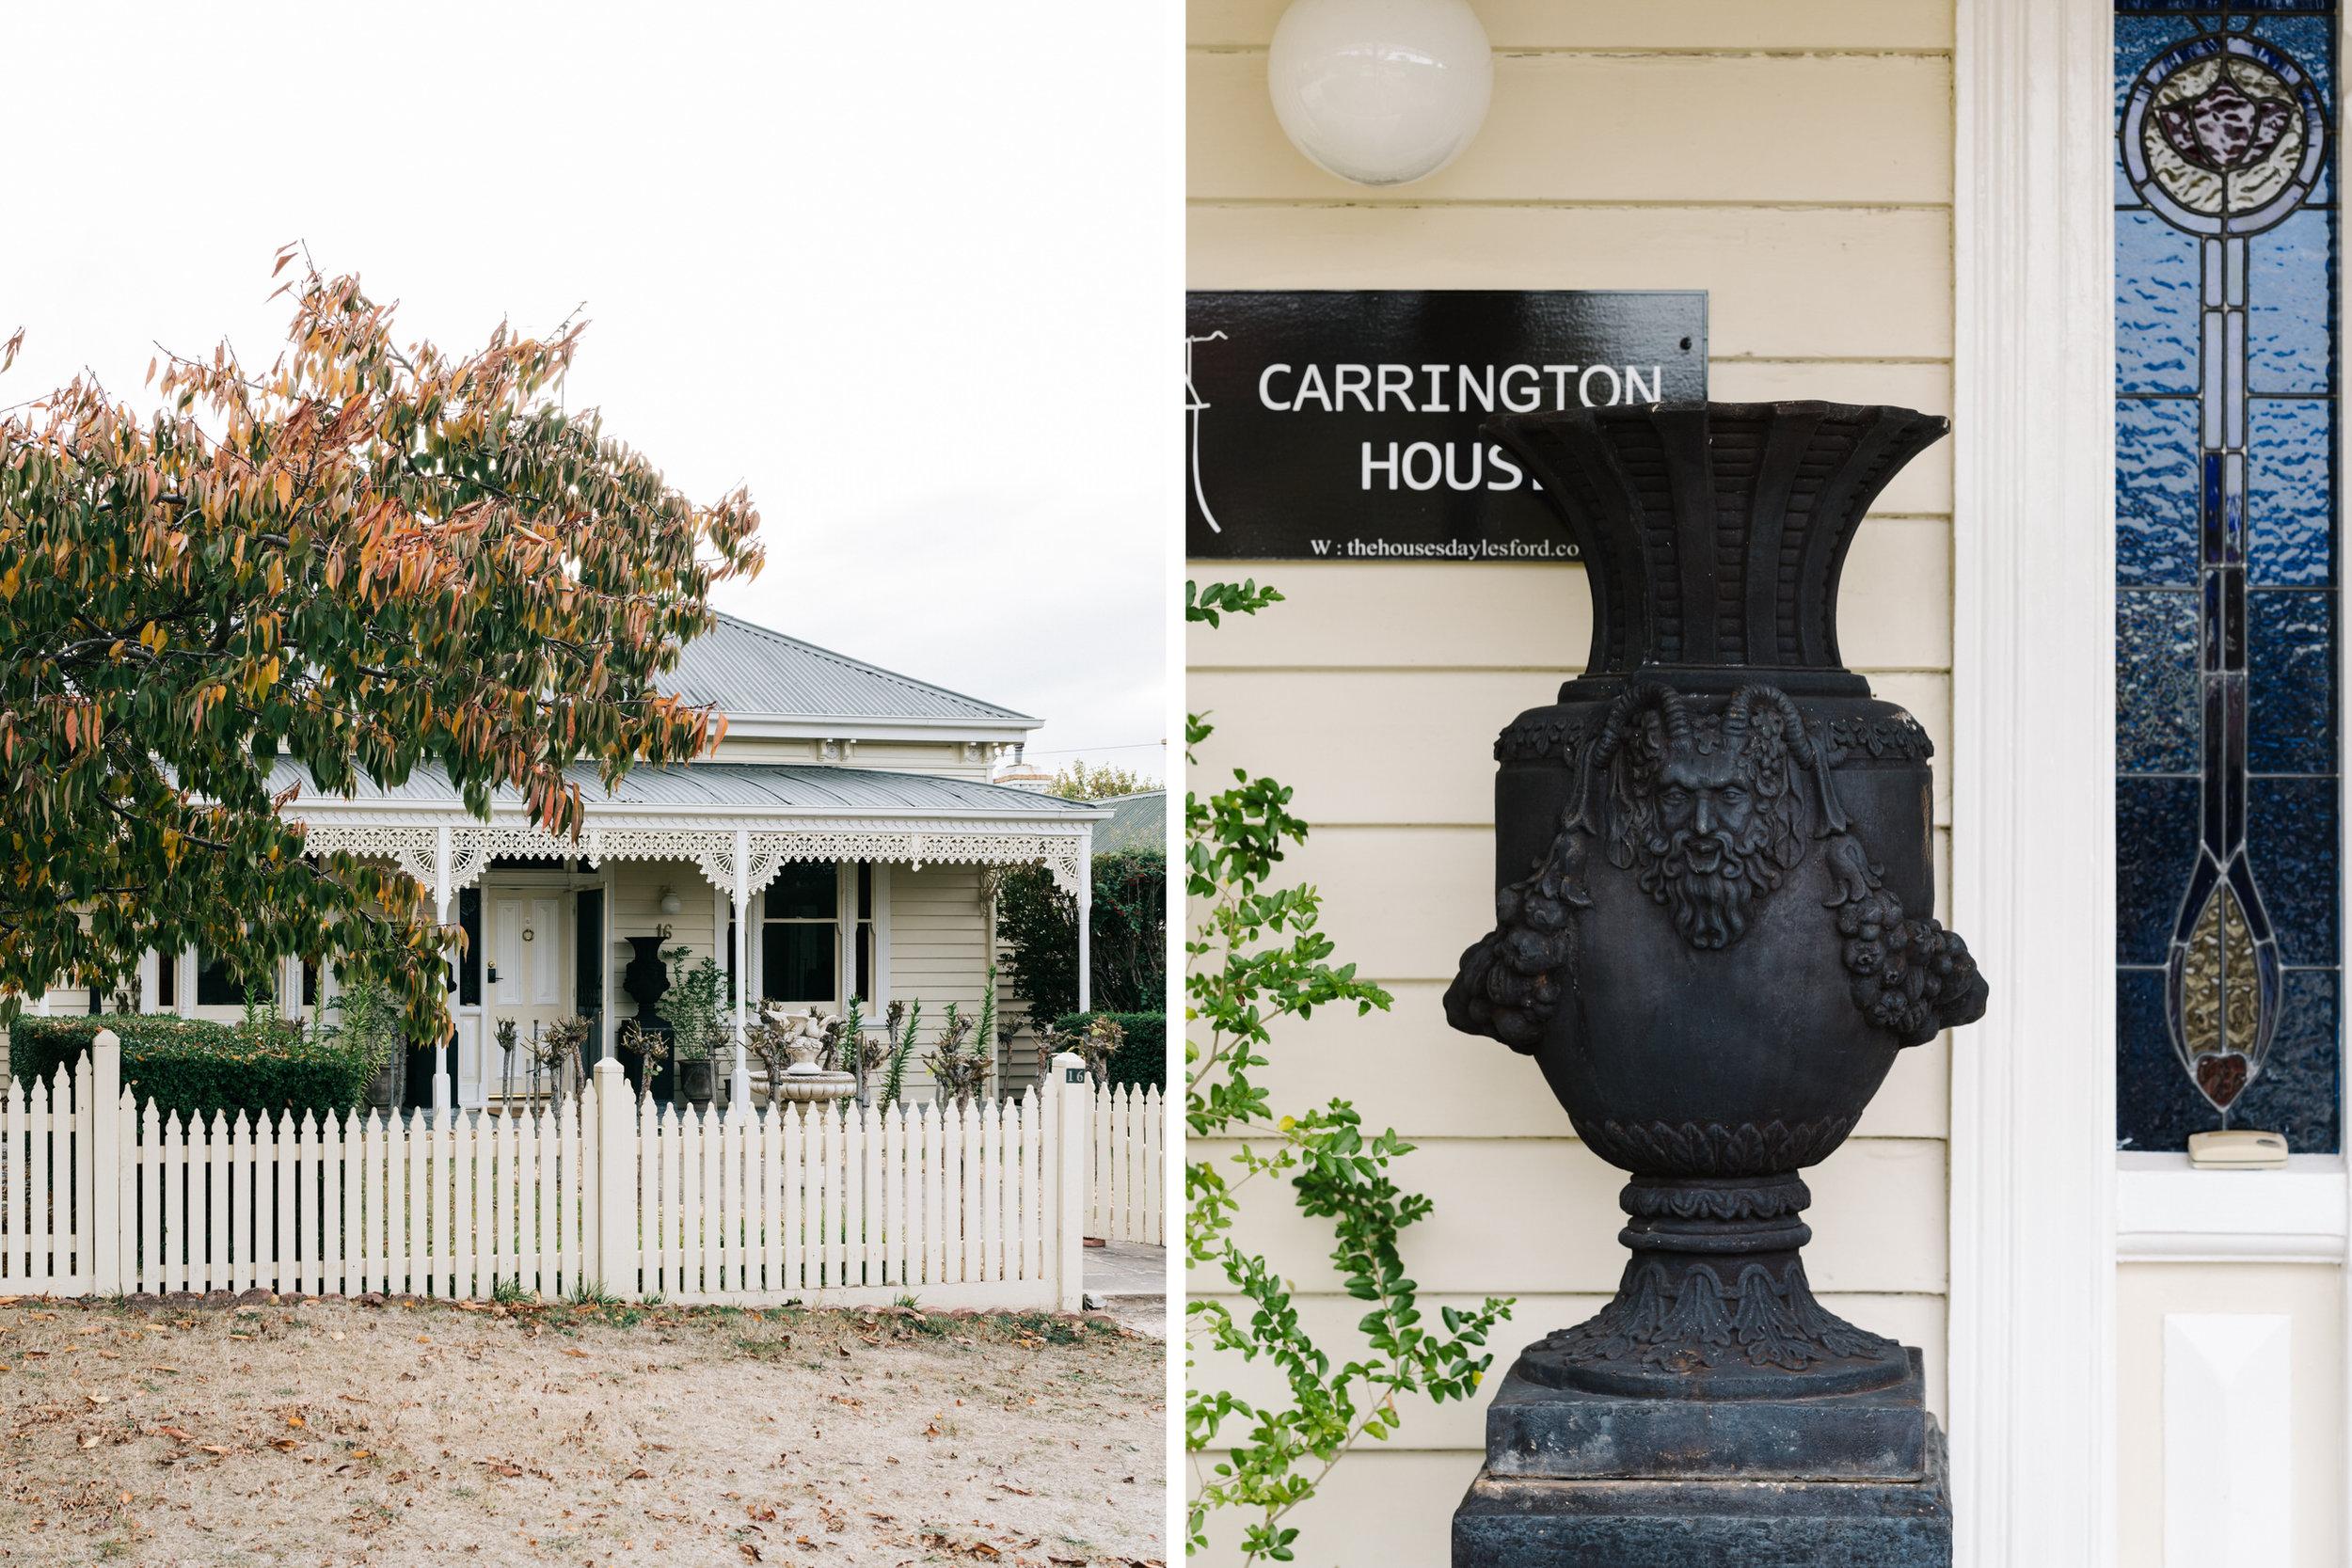 Carrington-House-Daylesford-01.jpg